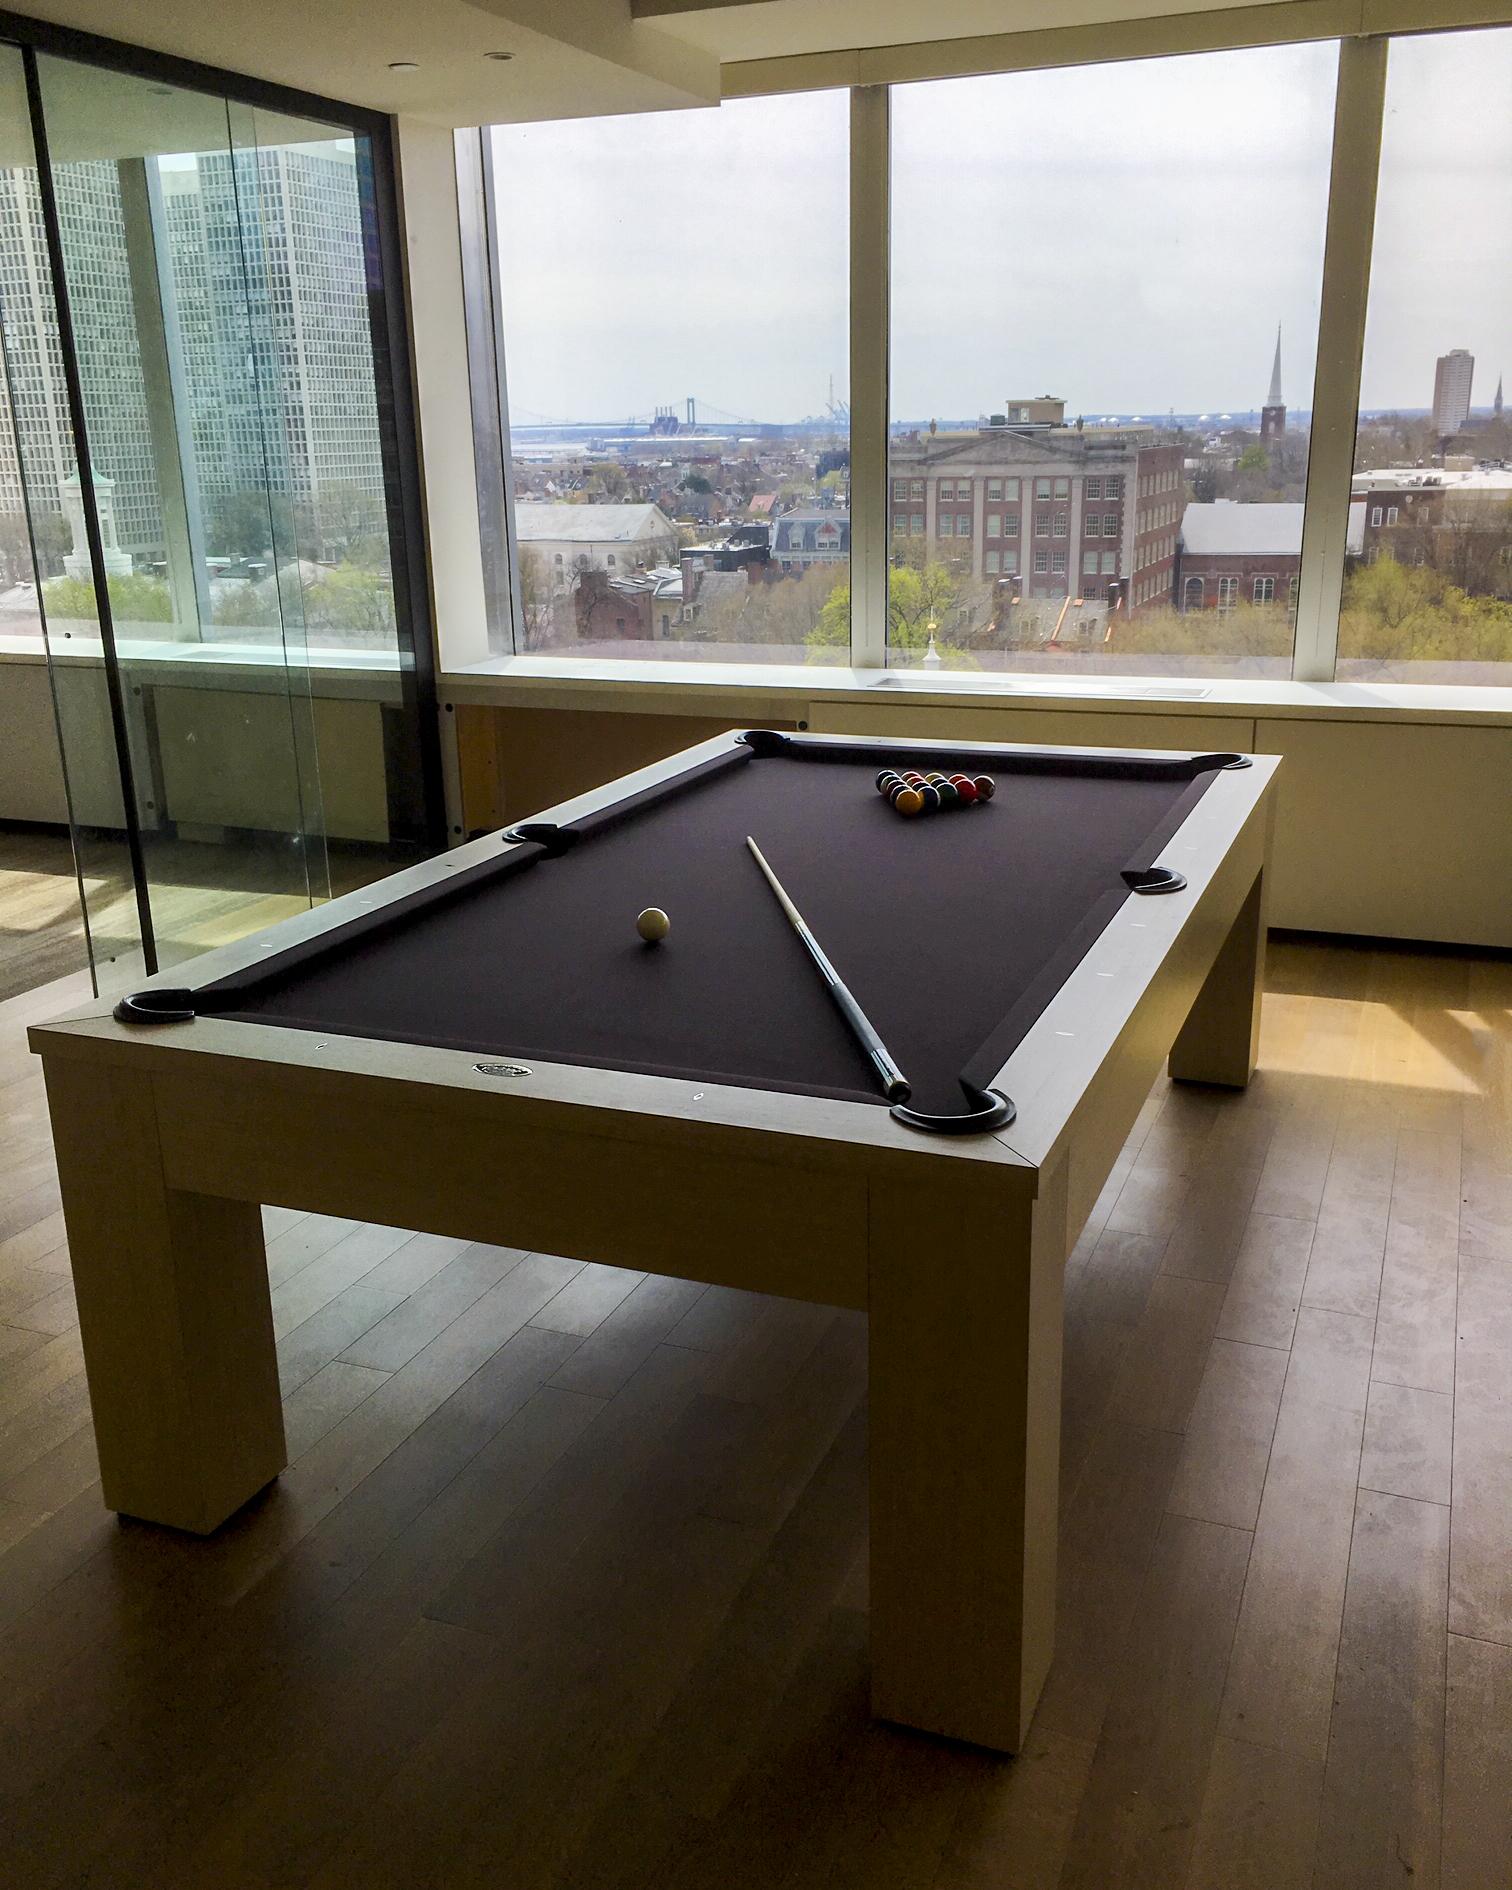 Madison Pool Table Philadelphia 01 Royal Billiard